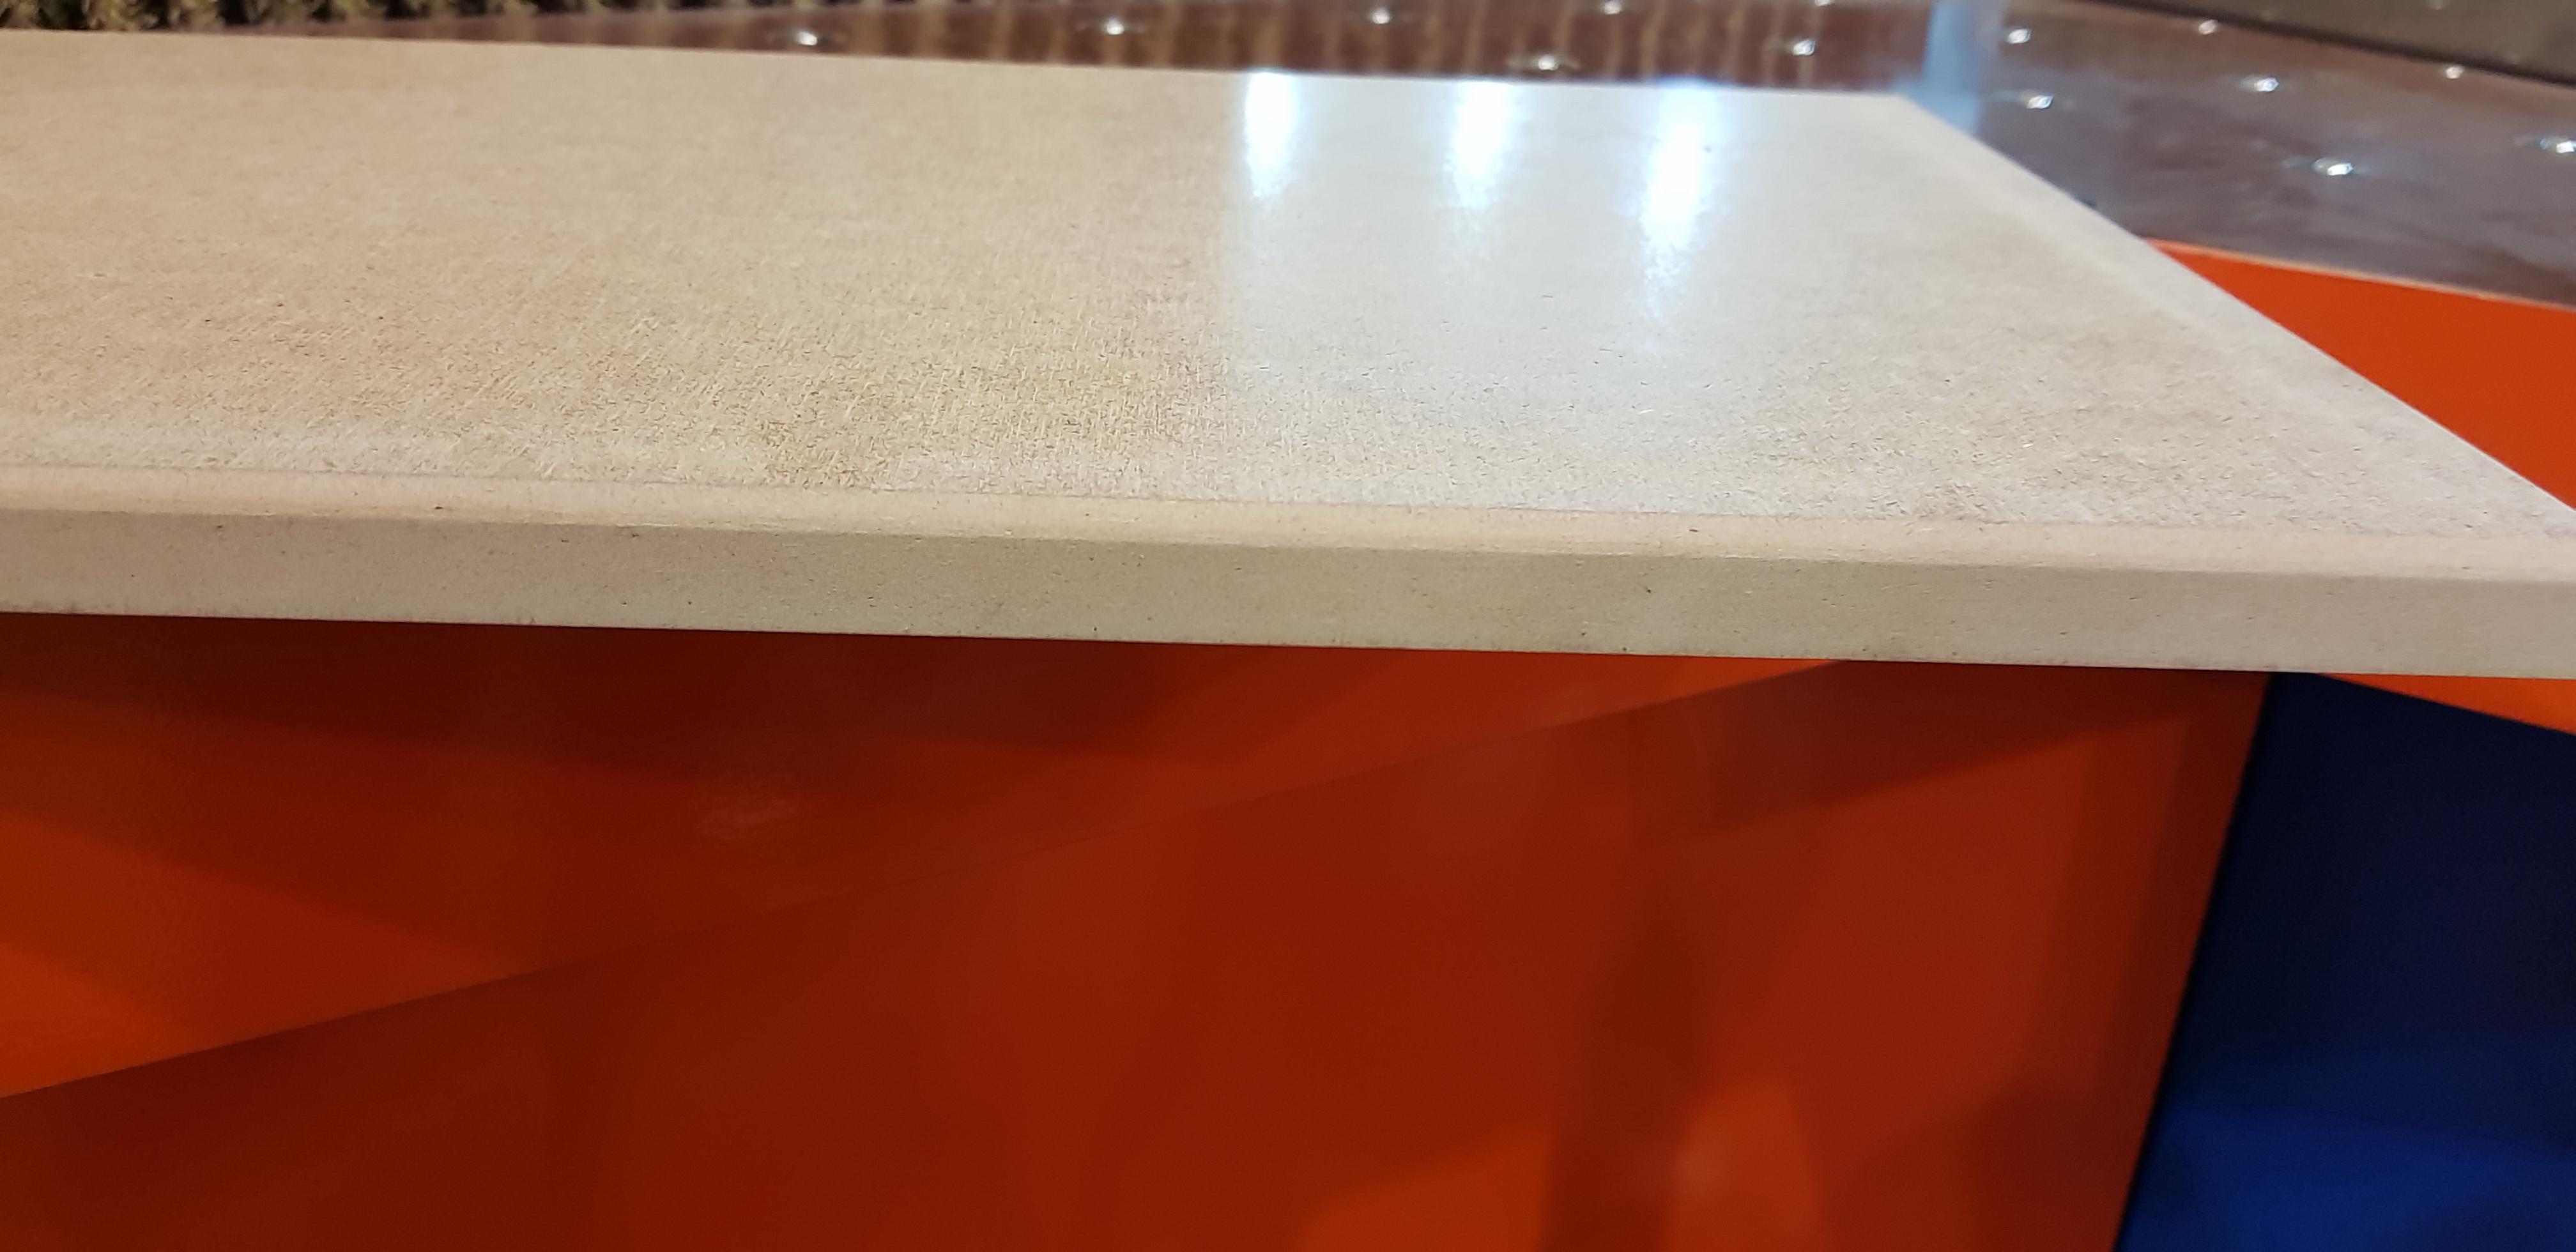 Кромкошлифовальный станок - деталь после шлифовки